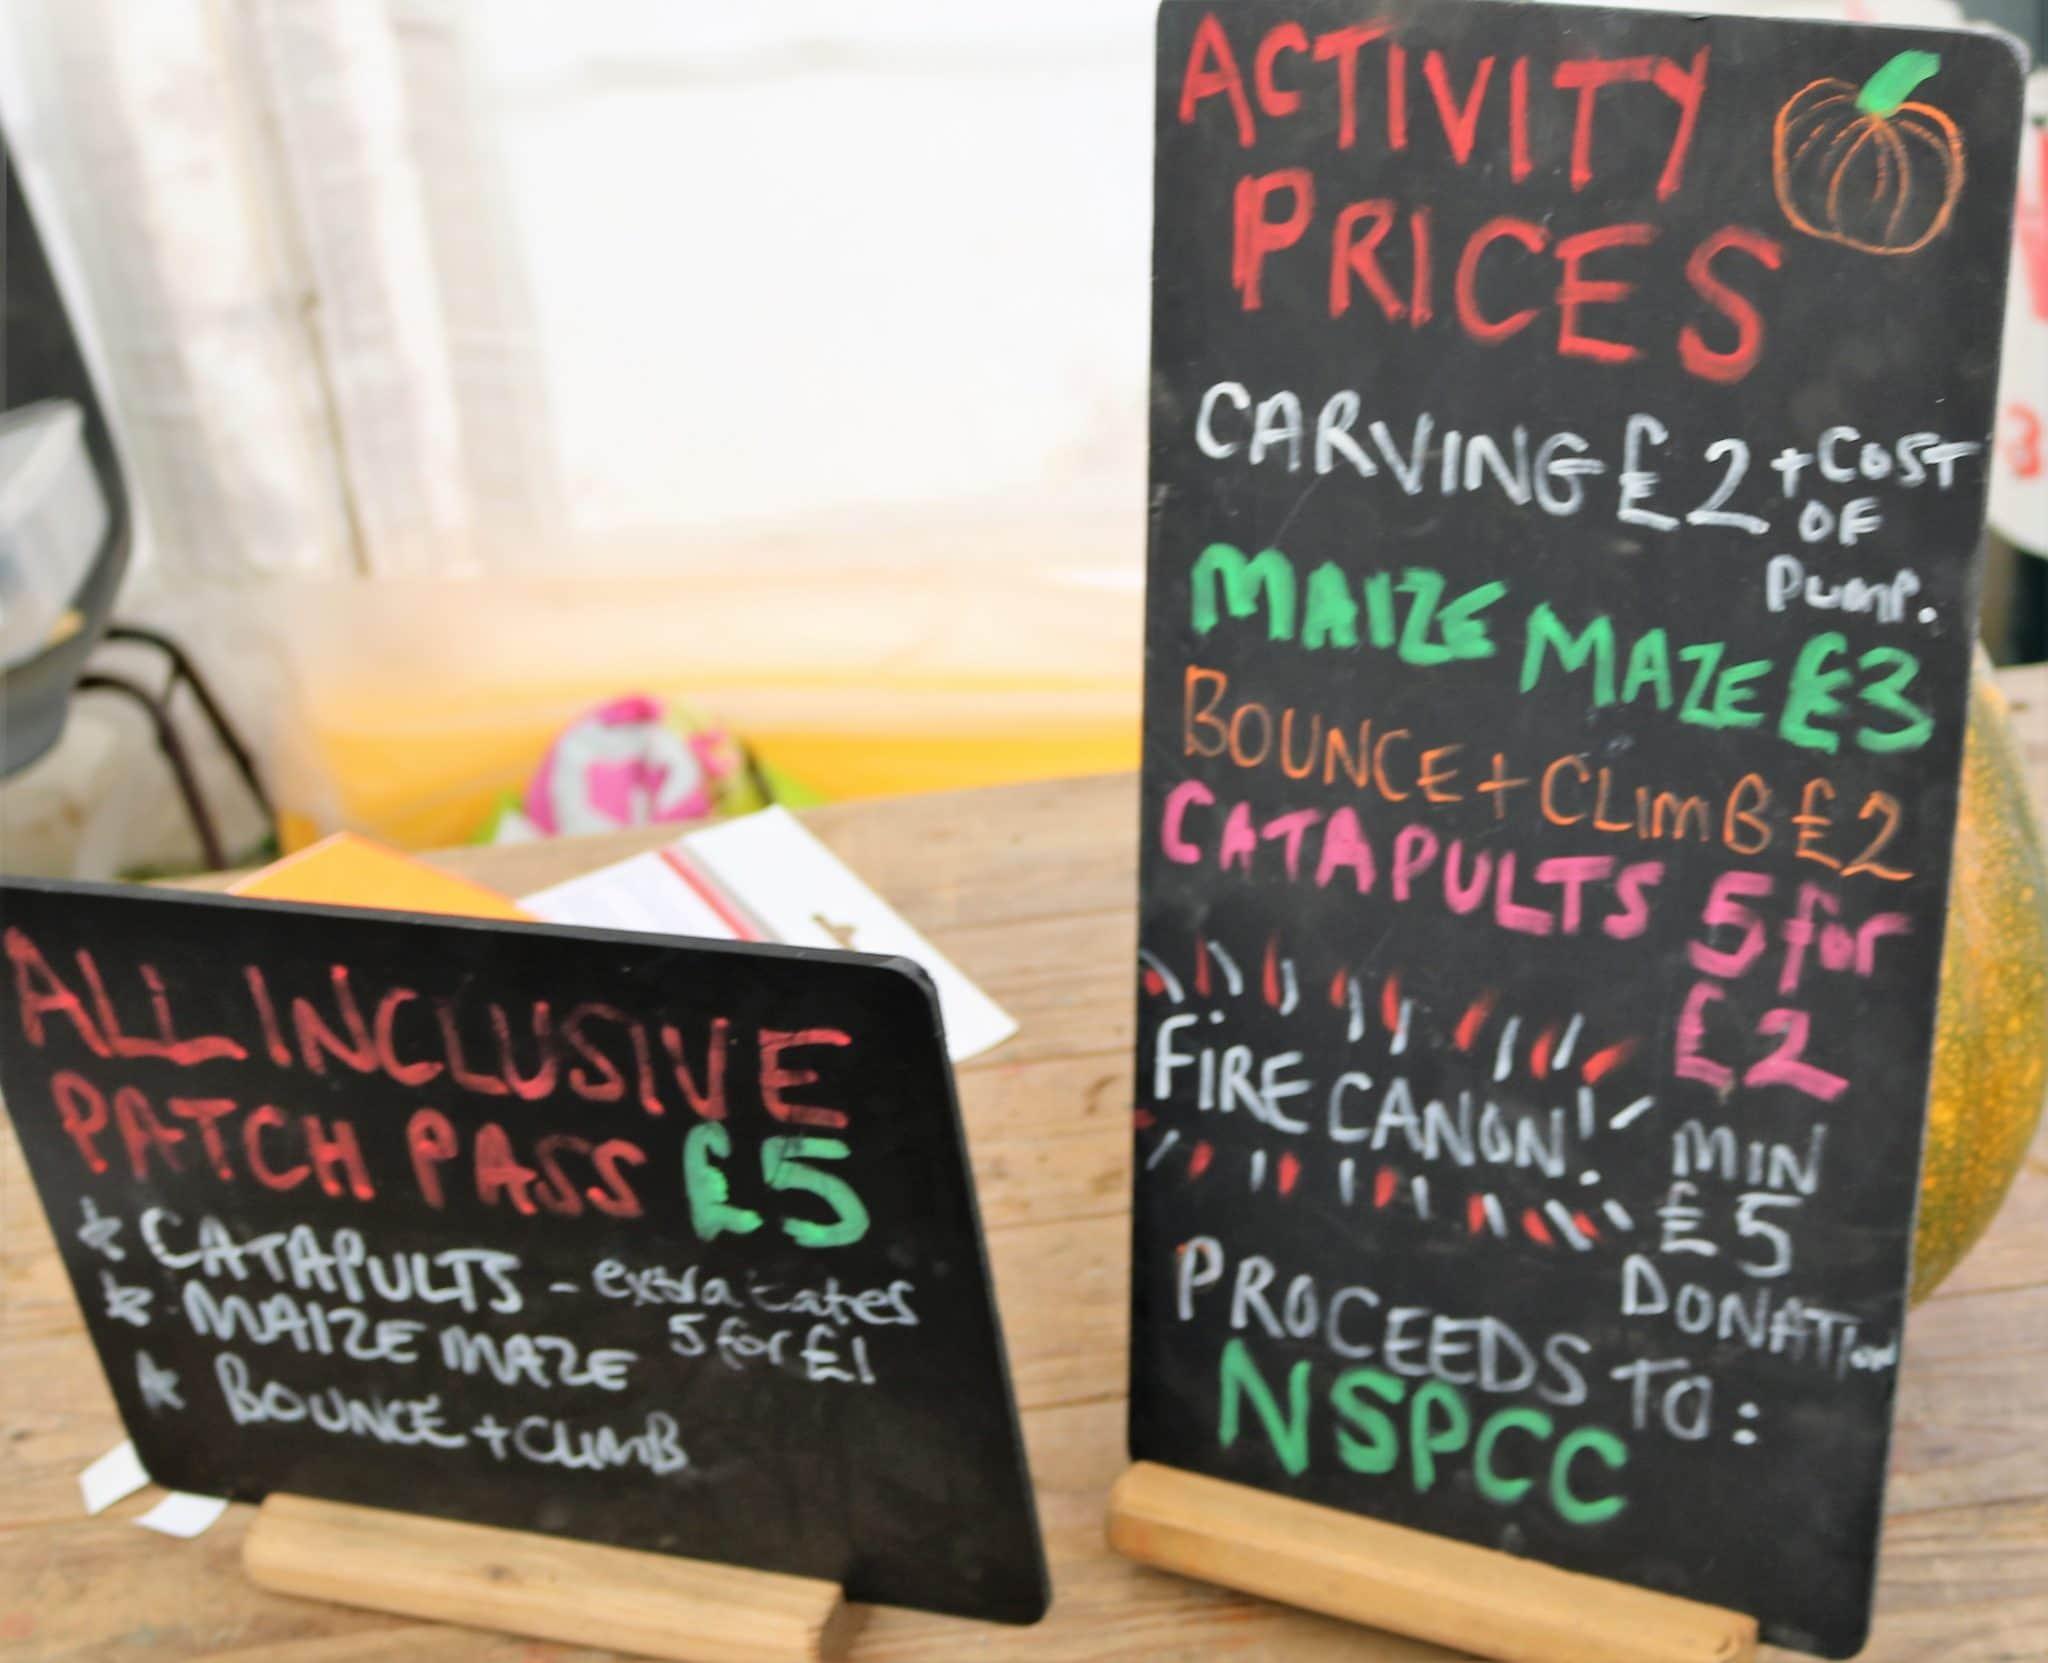 pyo pumpkins in lincolnshire + halloween activities - bell's